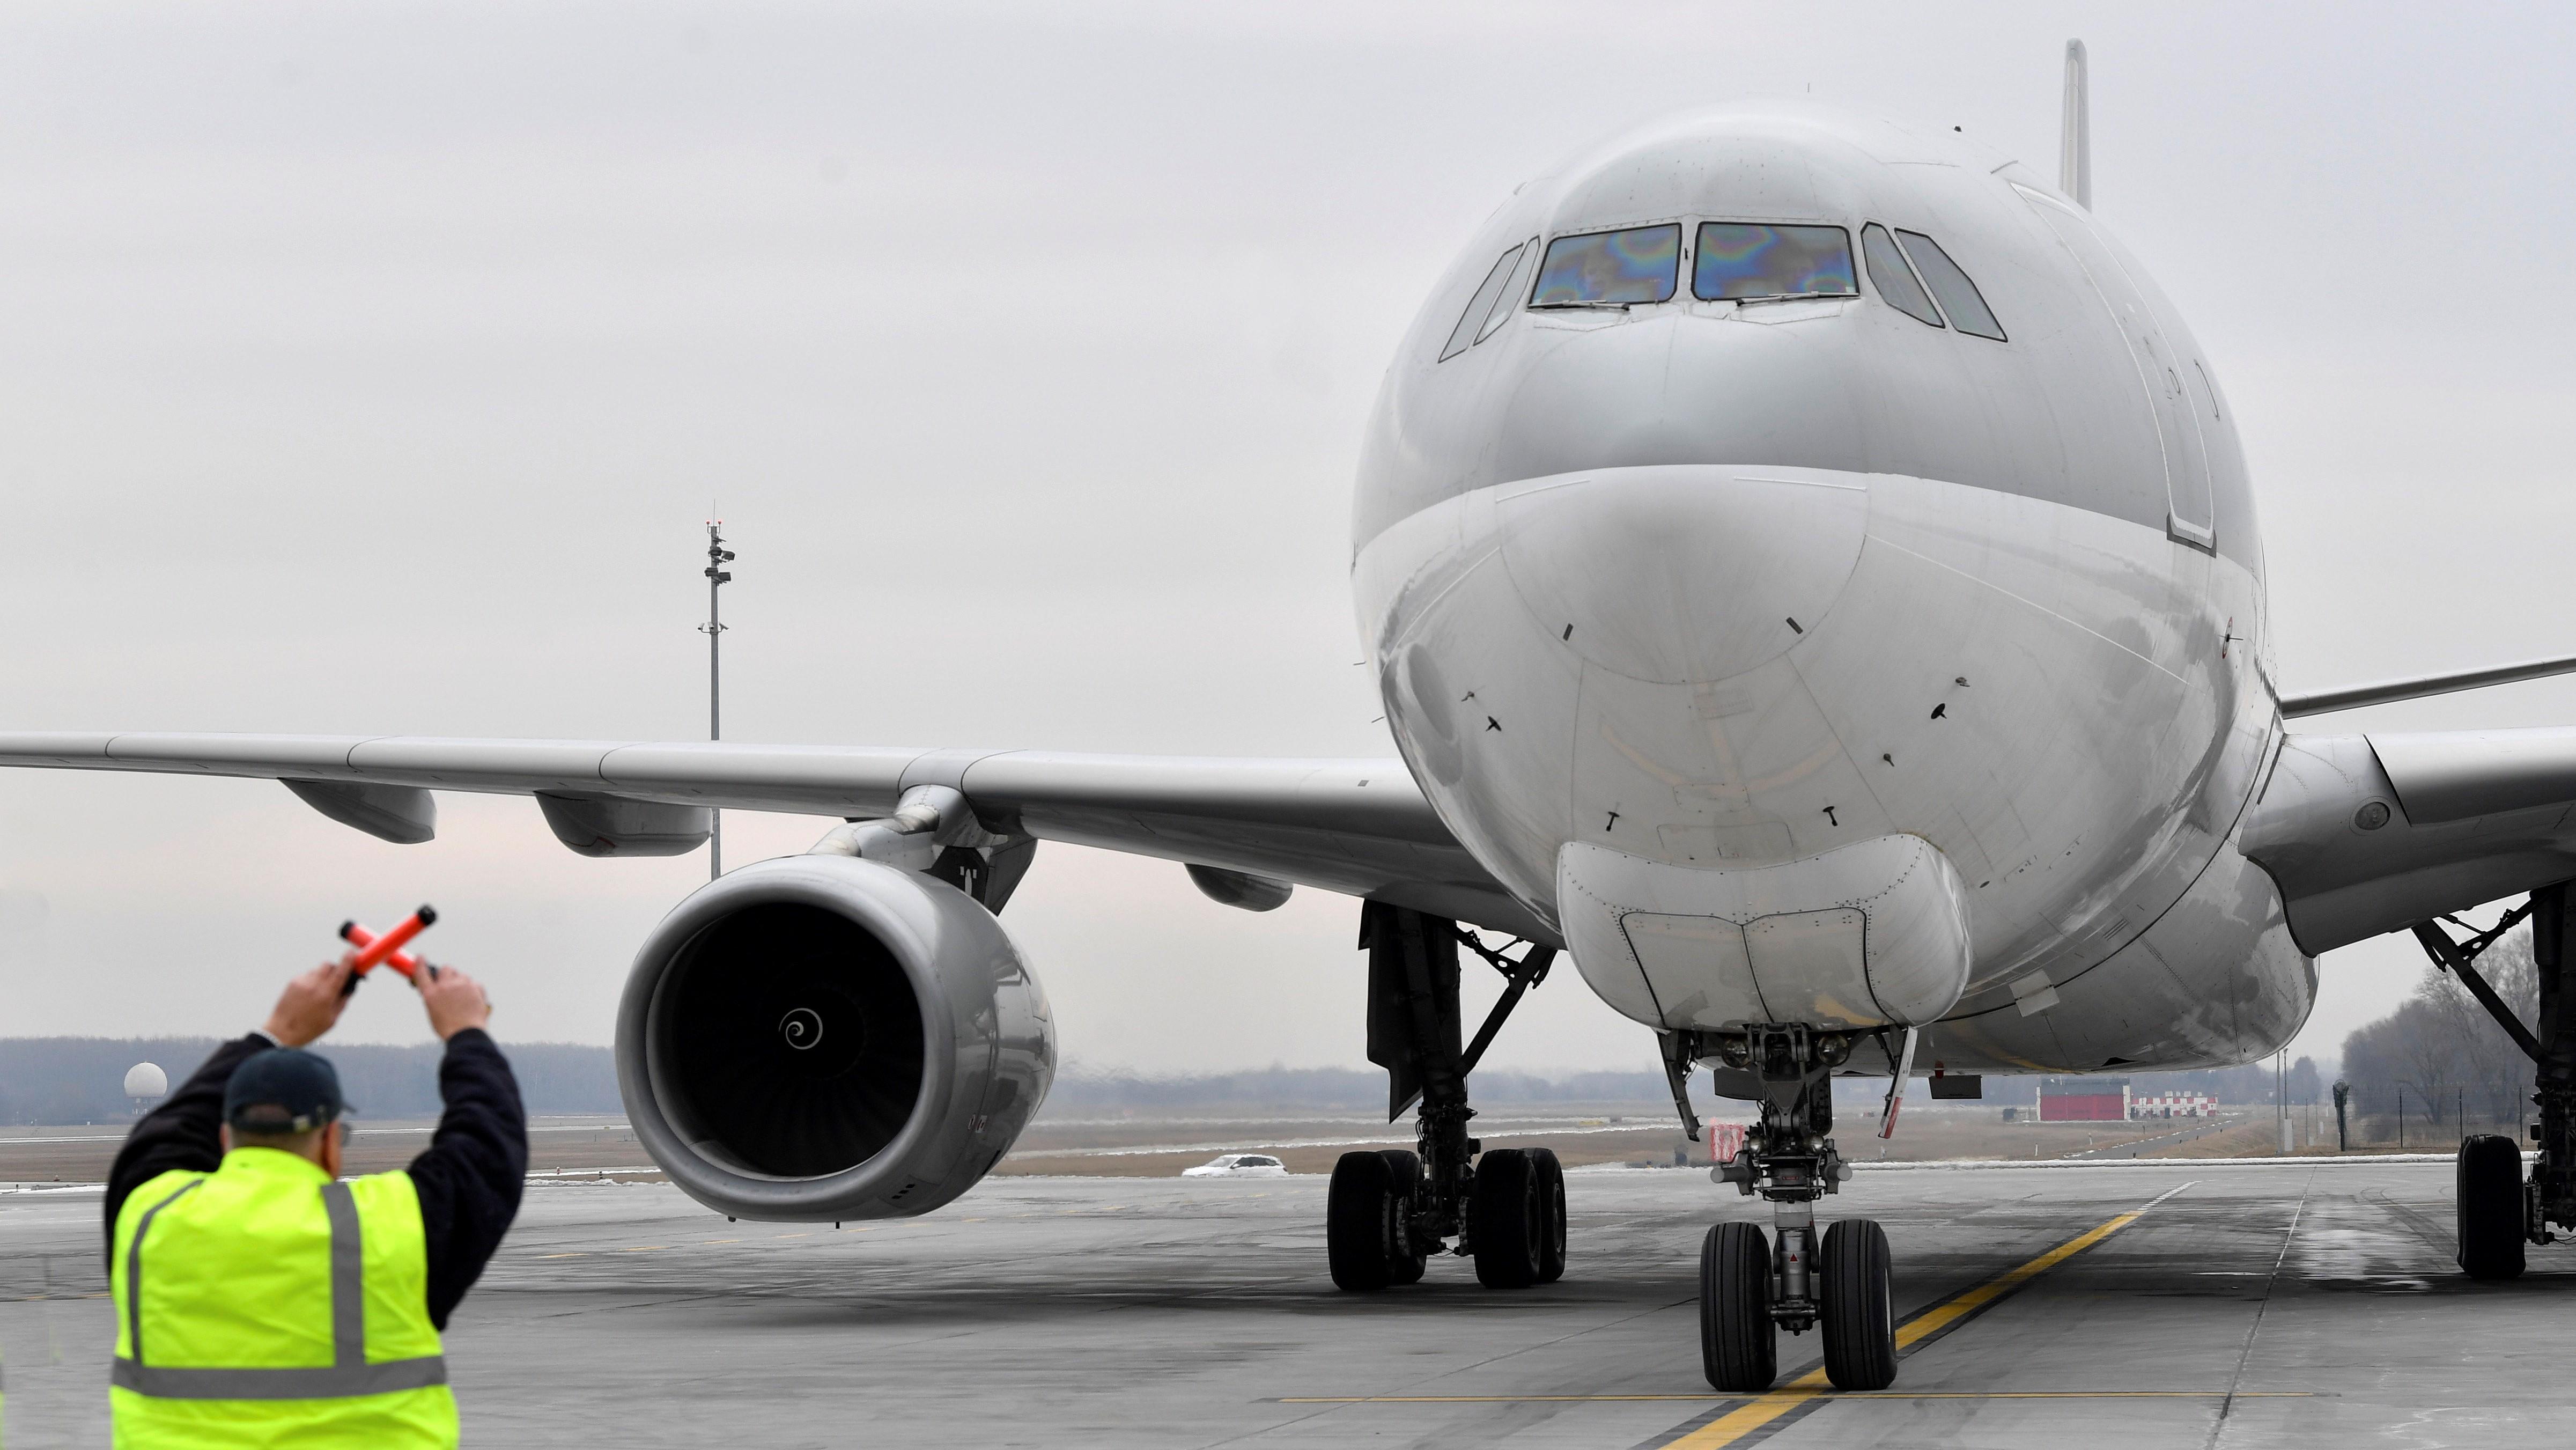 A Külgazdasági és Külügyminisztérium által vásárolt Airbus 330 típusú teherszállító repülőgép a kínai Sinopharm vakcina első szállítmányával a fedélzetén a Liszt Ferenc-repülőtéren 2021. február 16-án.